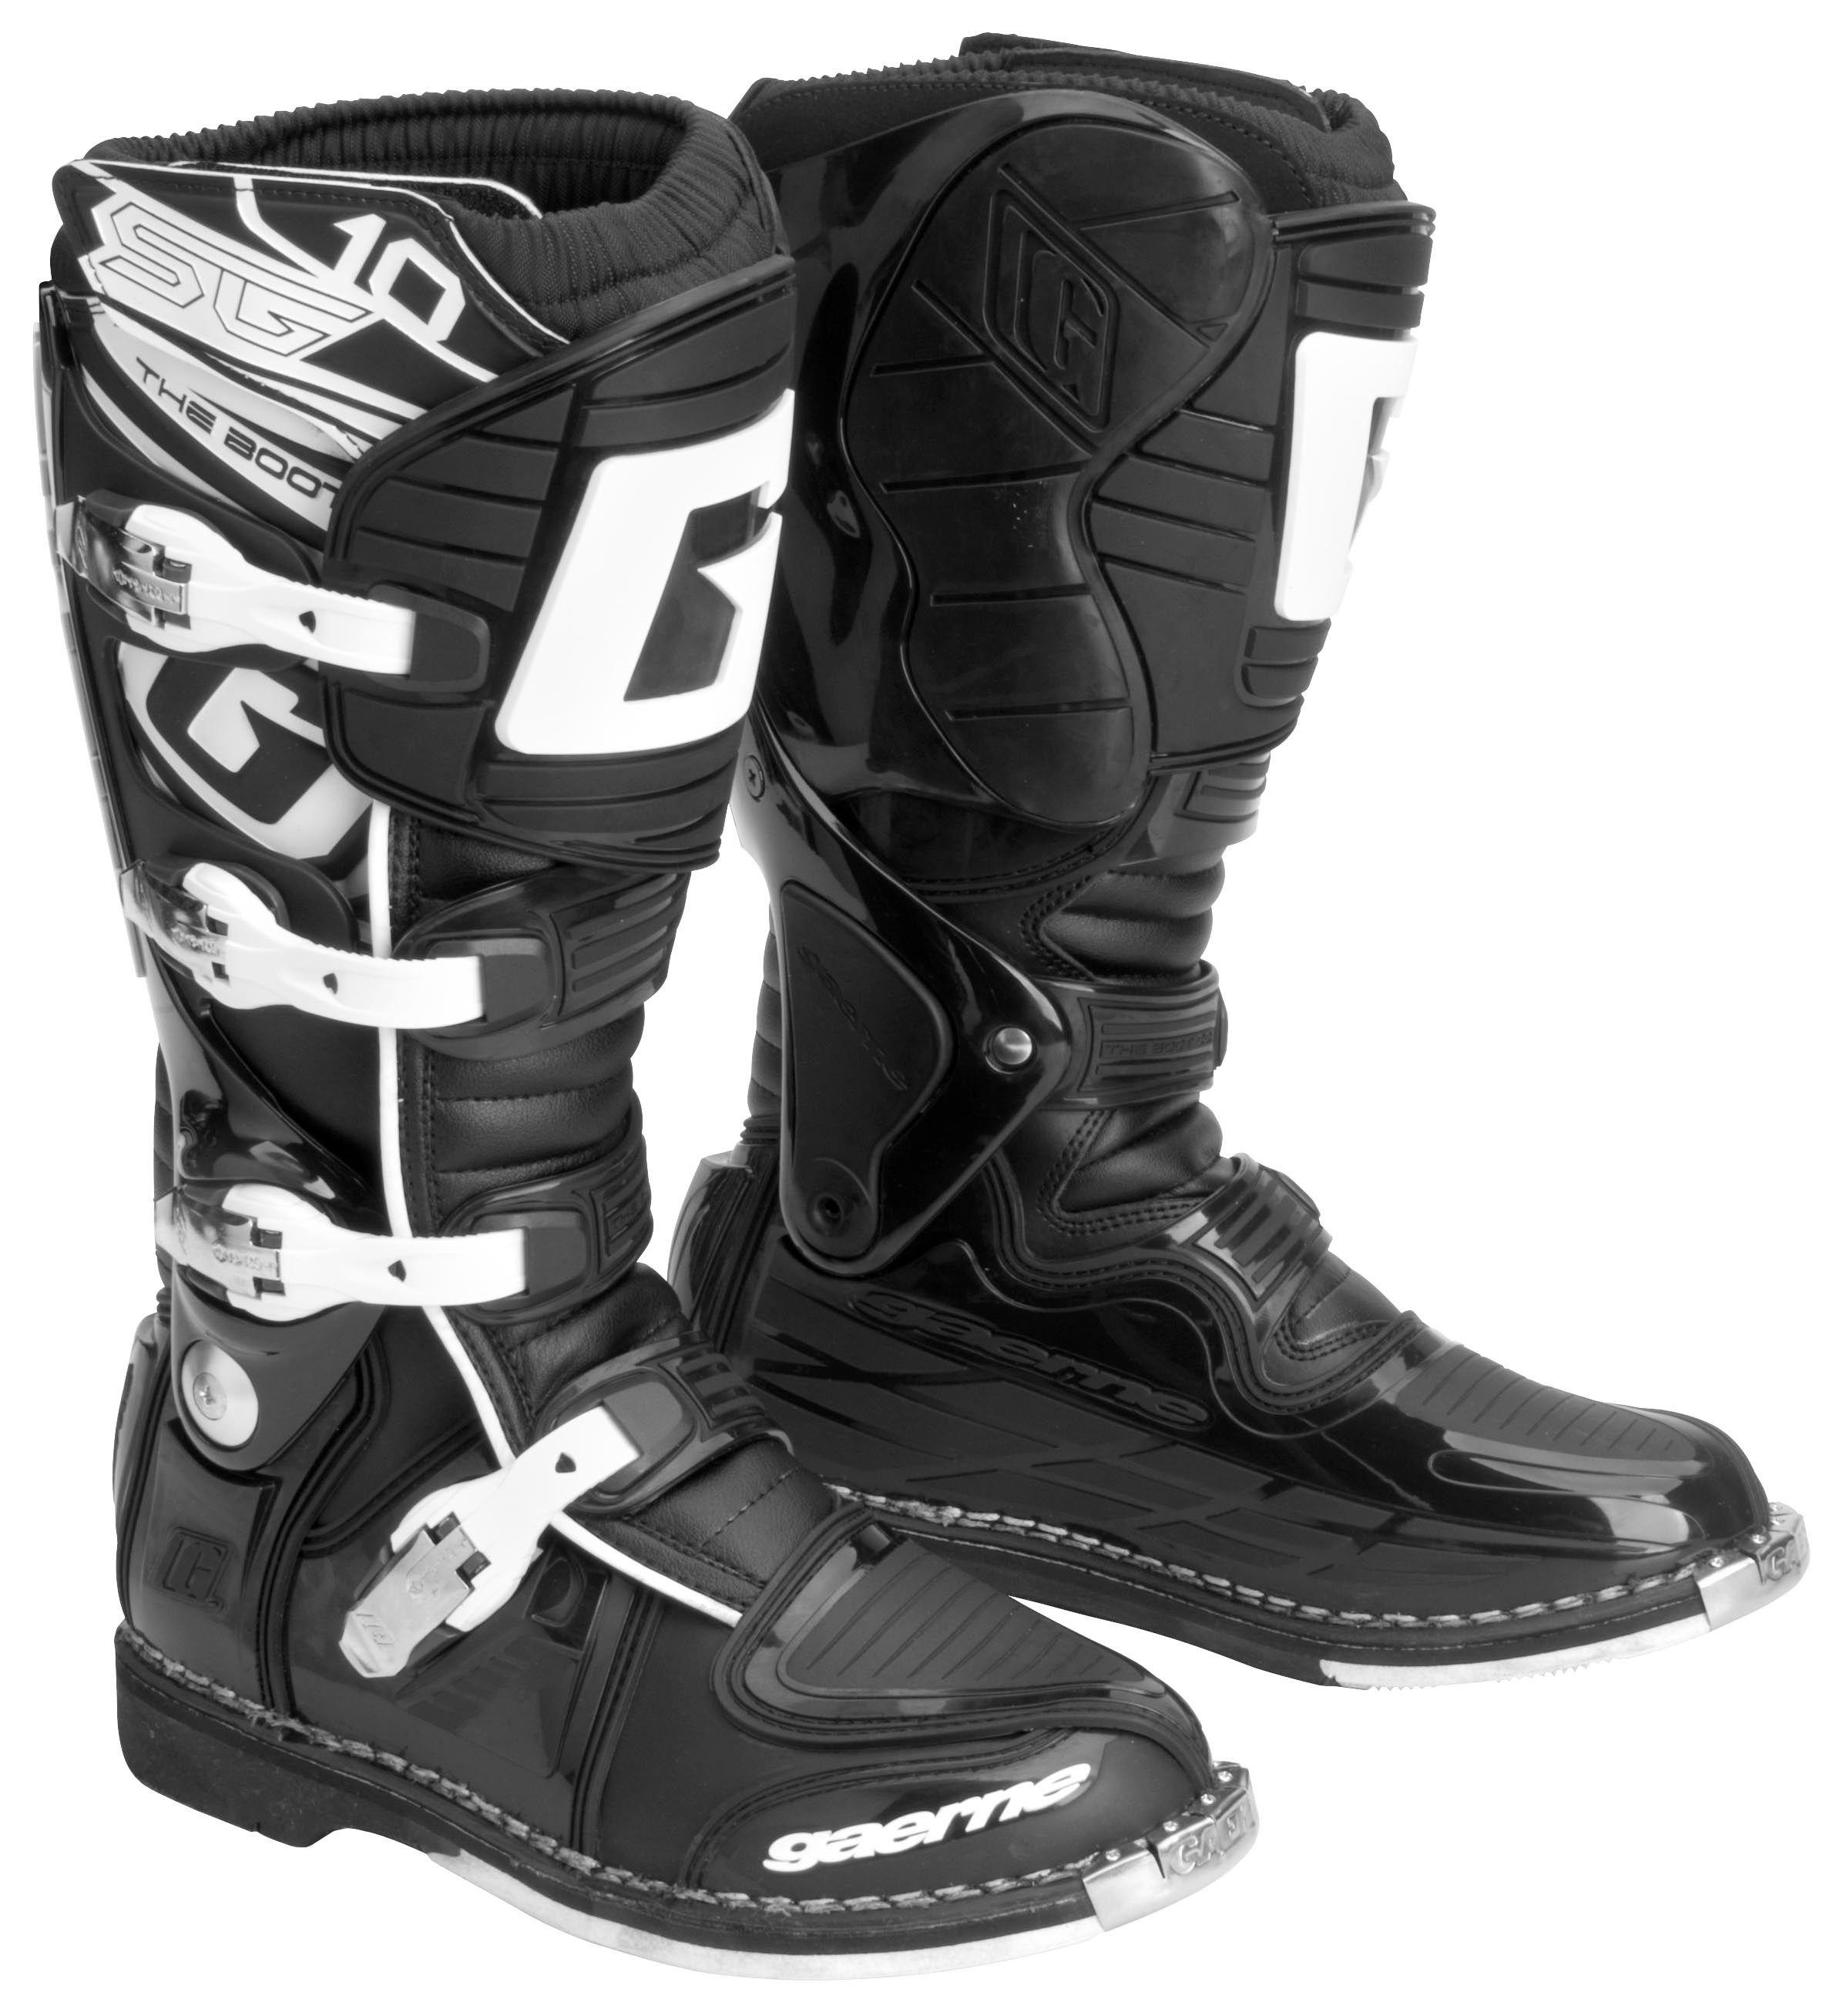 Gaerne Sg 10 Boots Revzilla